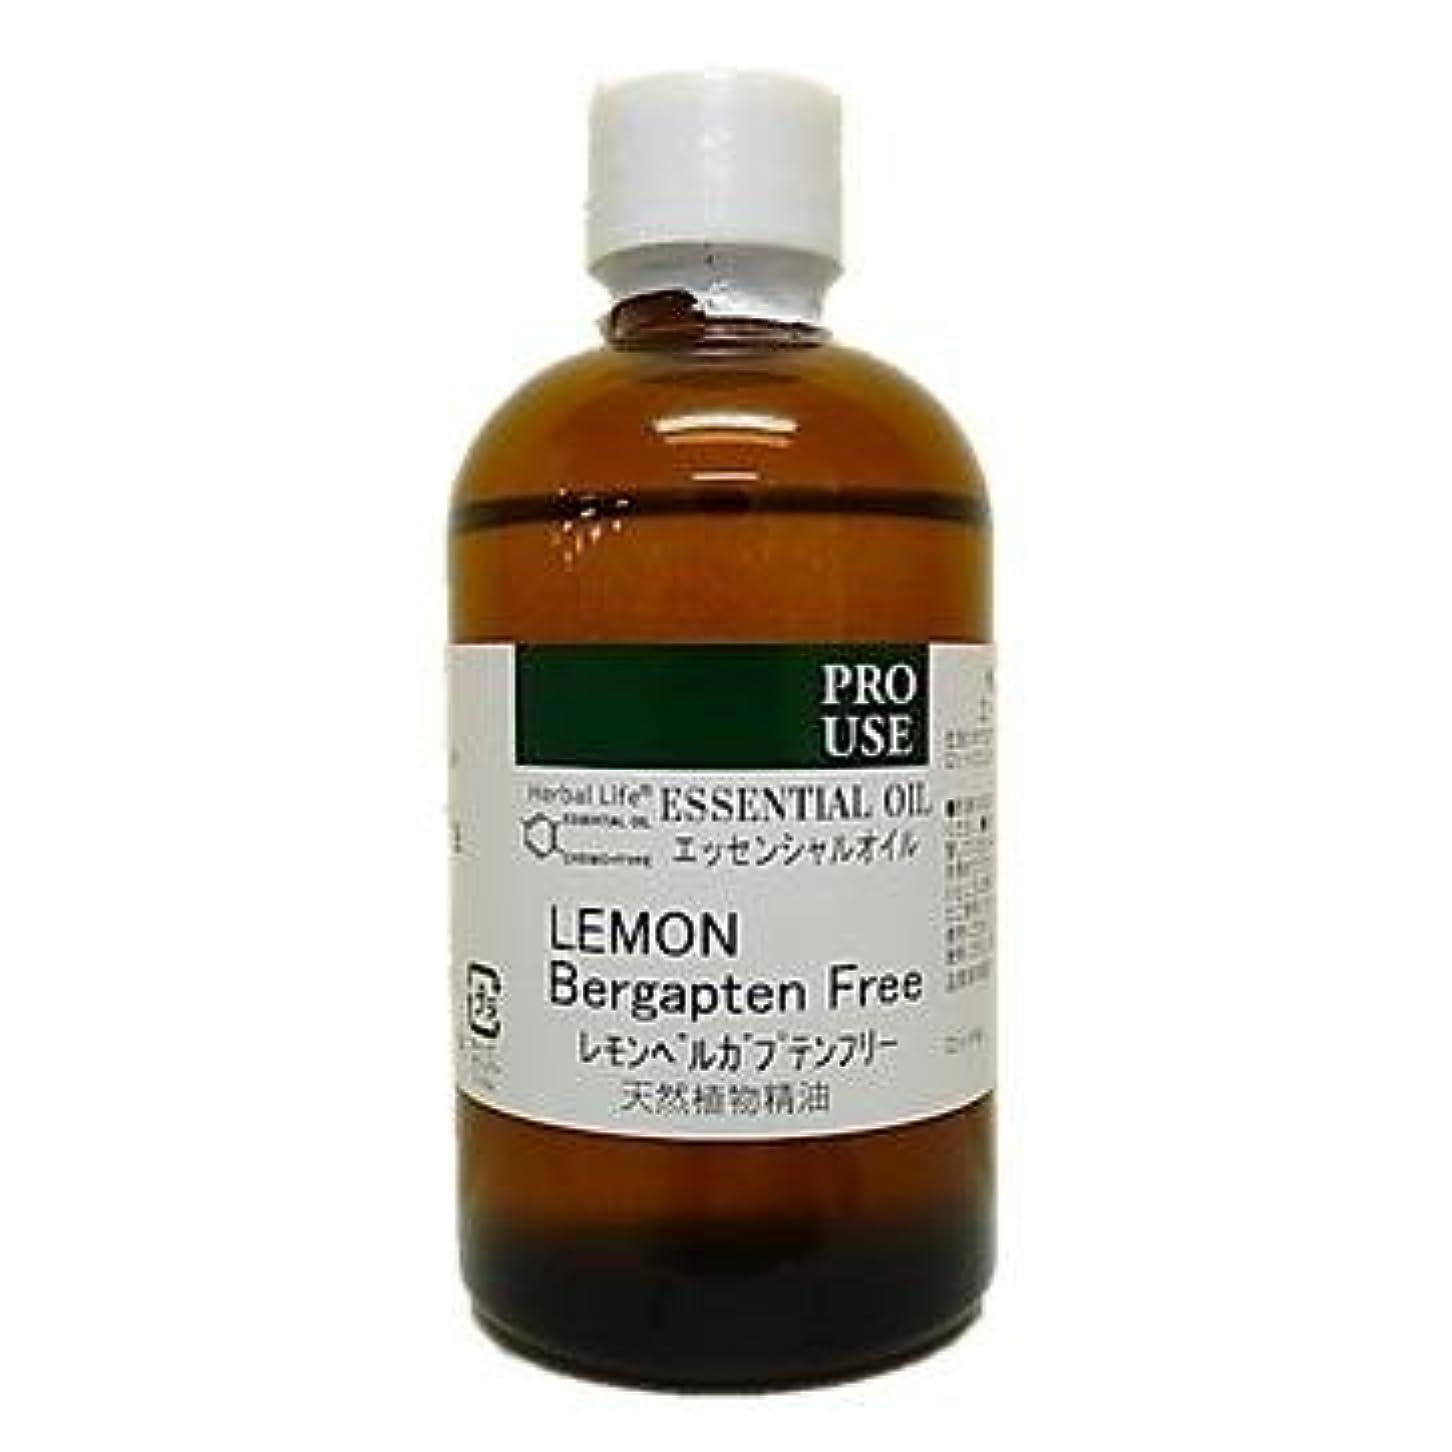 着実に惑星ステレオタイプ生活の木 レモン(フロクマリンフリー)100ml エッセンシャルオイル/精油